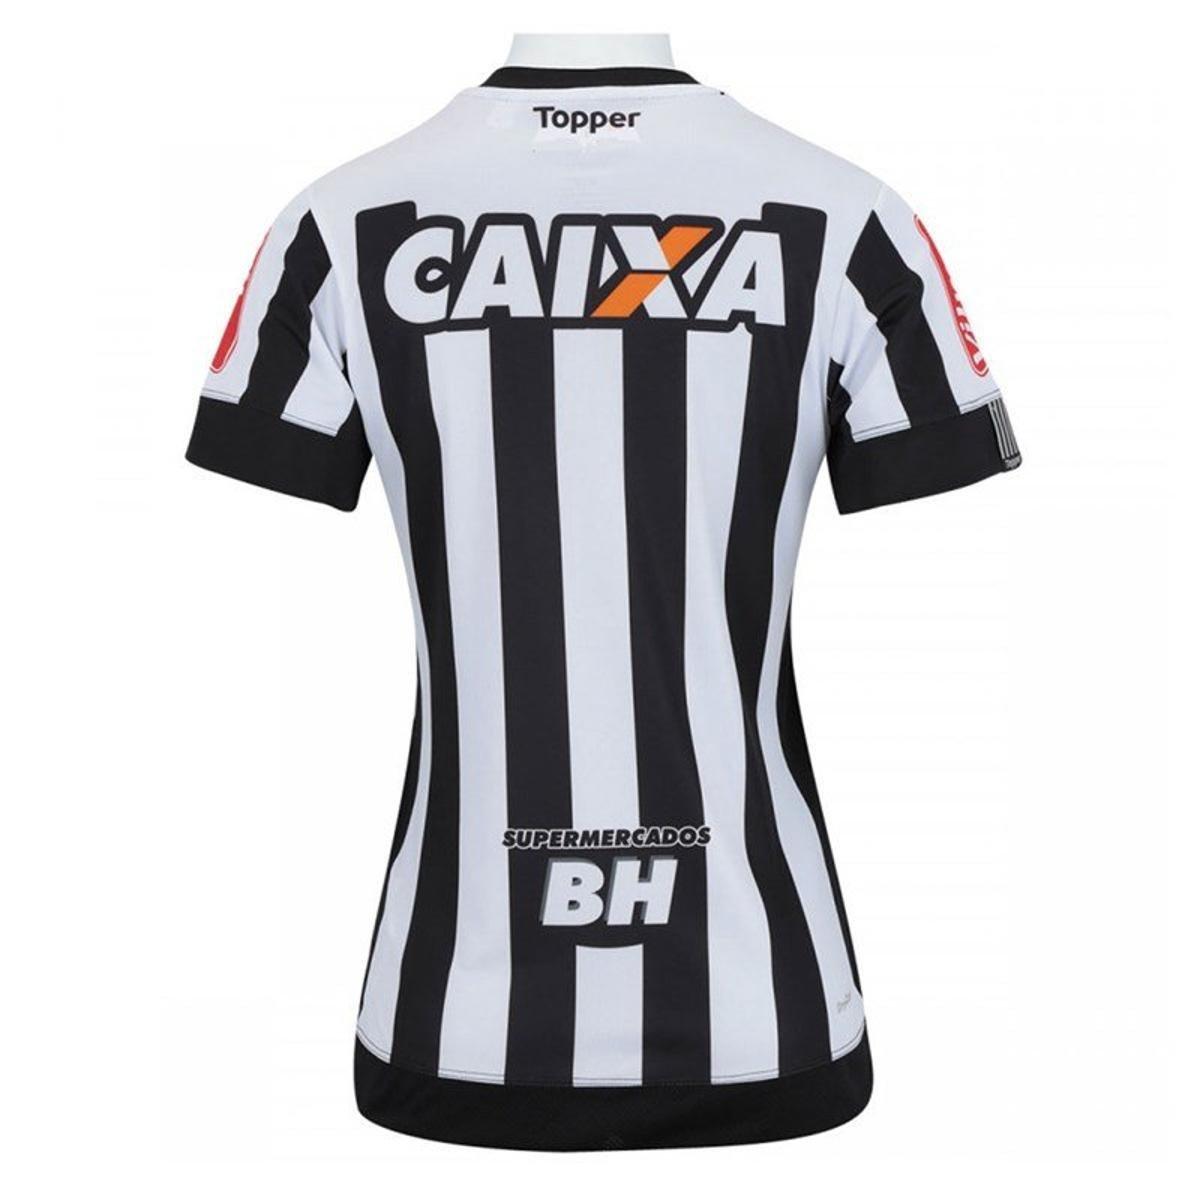 Camisa Topper do Atlético Mineiro 2017 Feminina - Compre Agora ... 7b4bad7e58eab